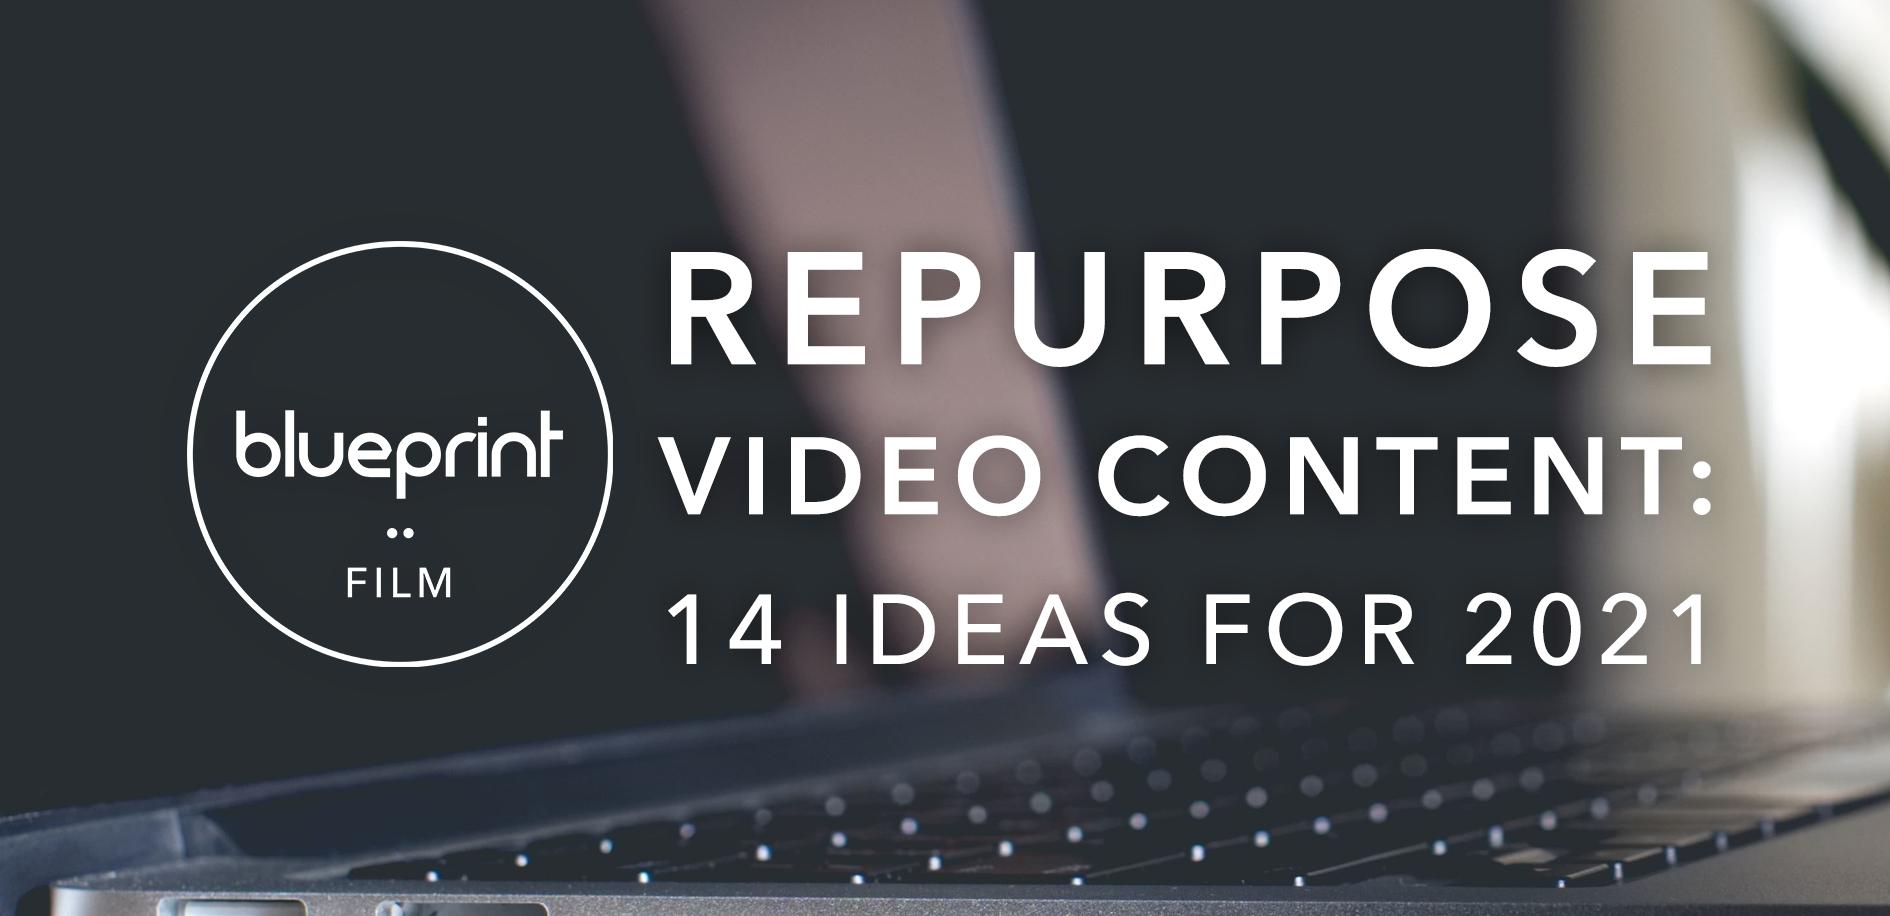 repurpose video content: 14 ideas for 2021